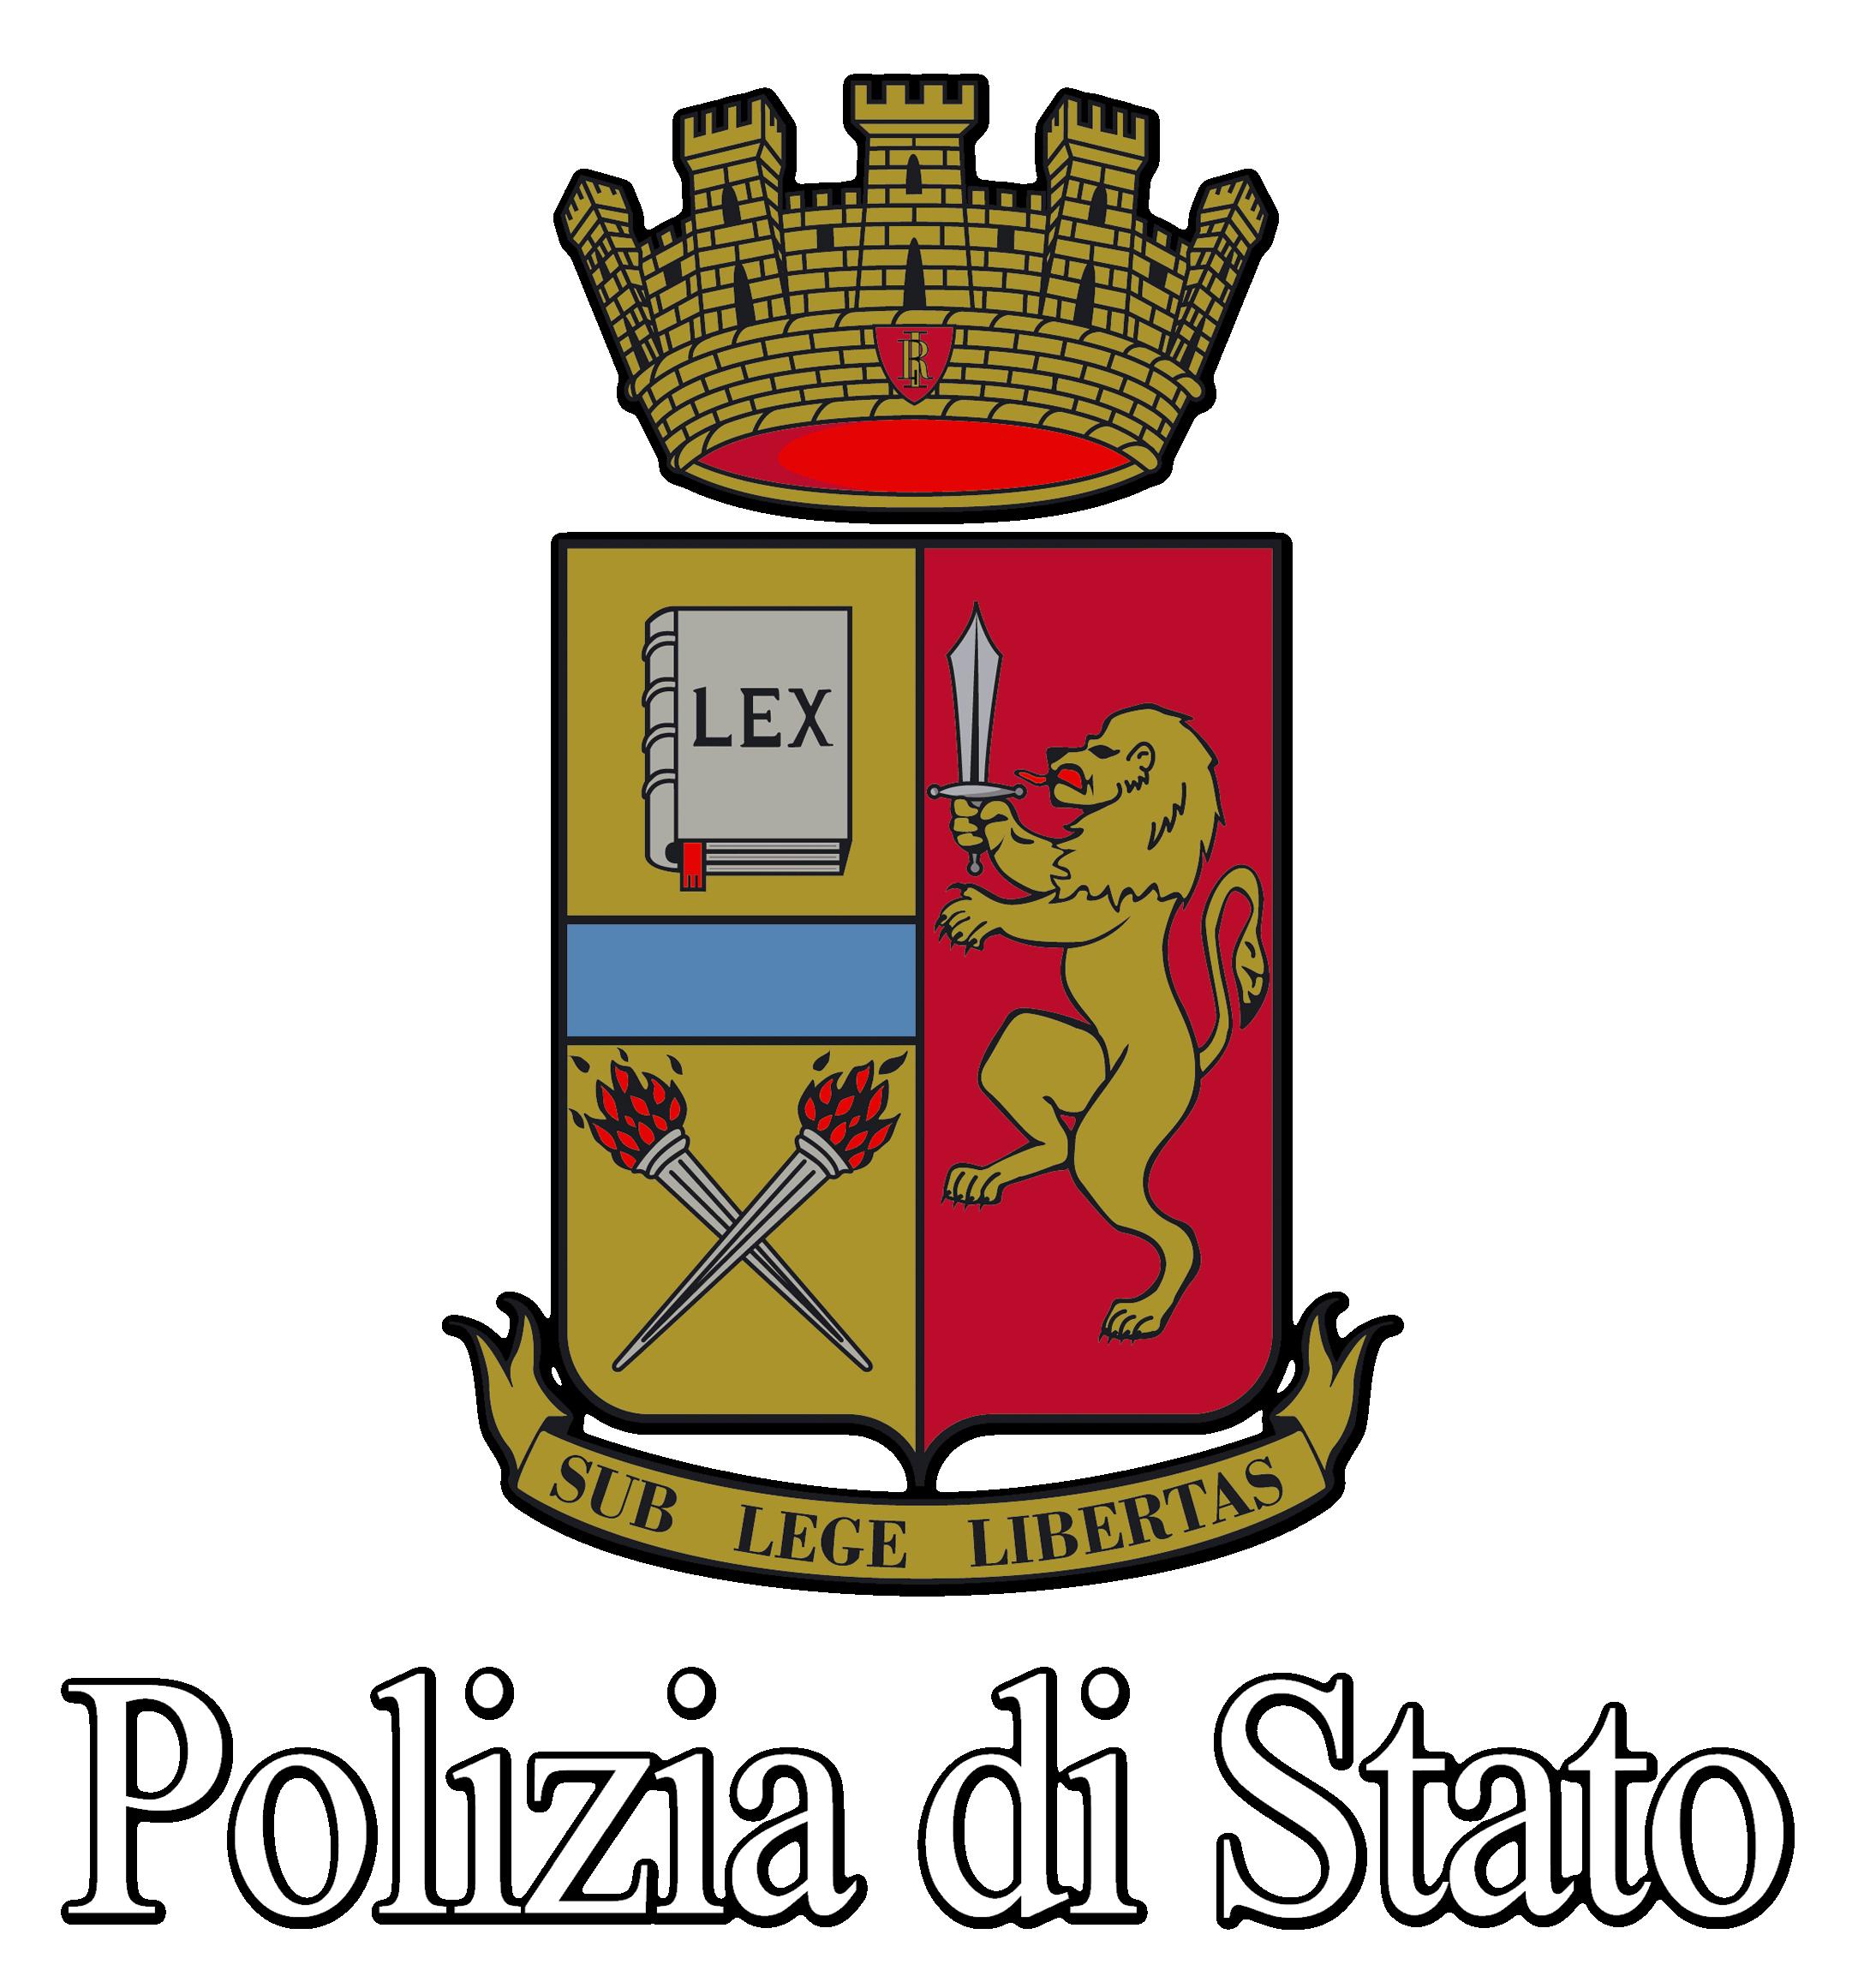 Polizia di stato questure sul web vercelli for Controlla permesso di soggiorno poste